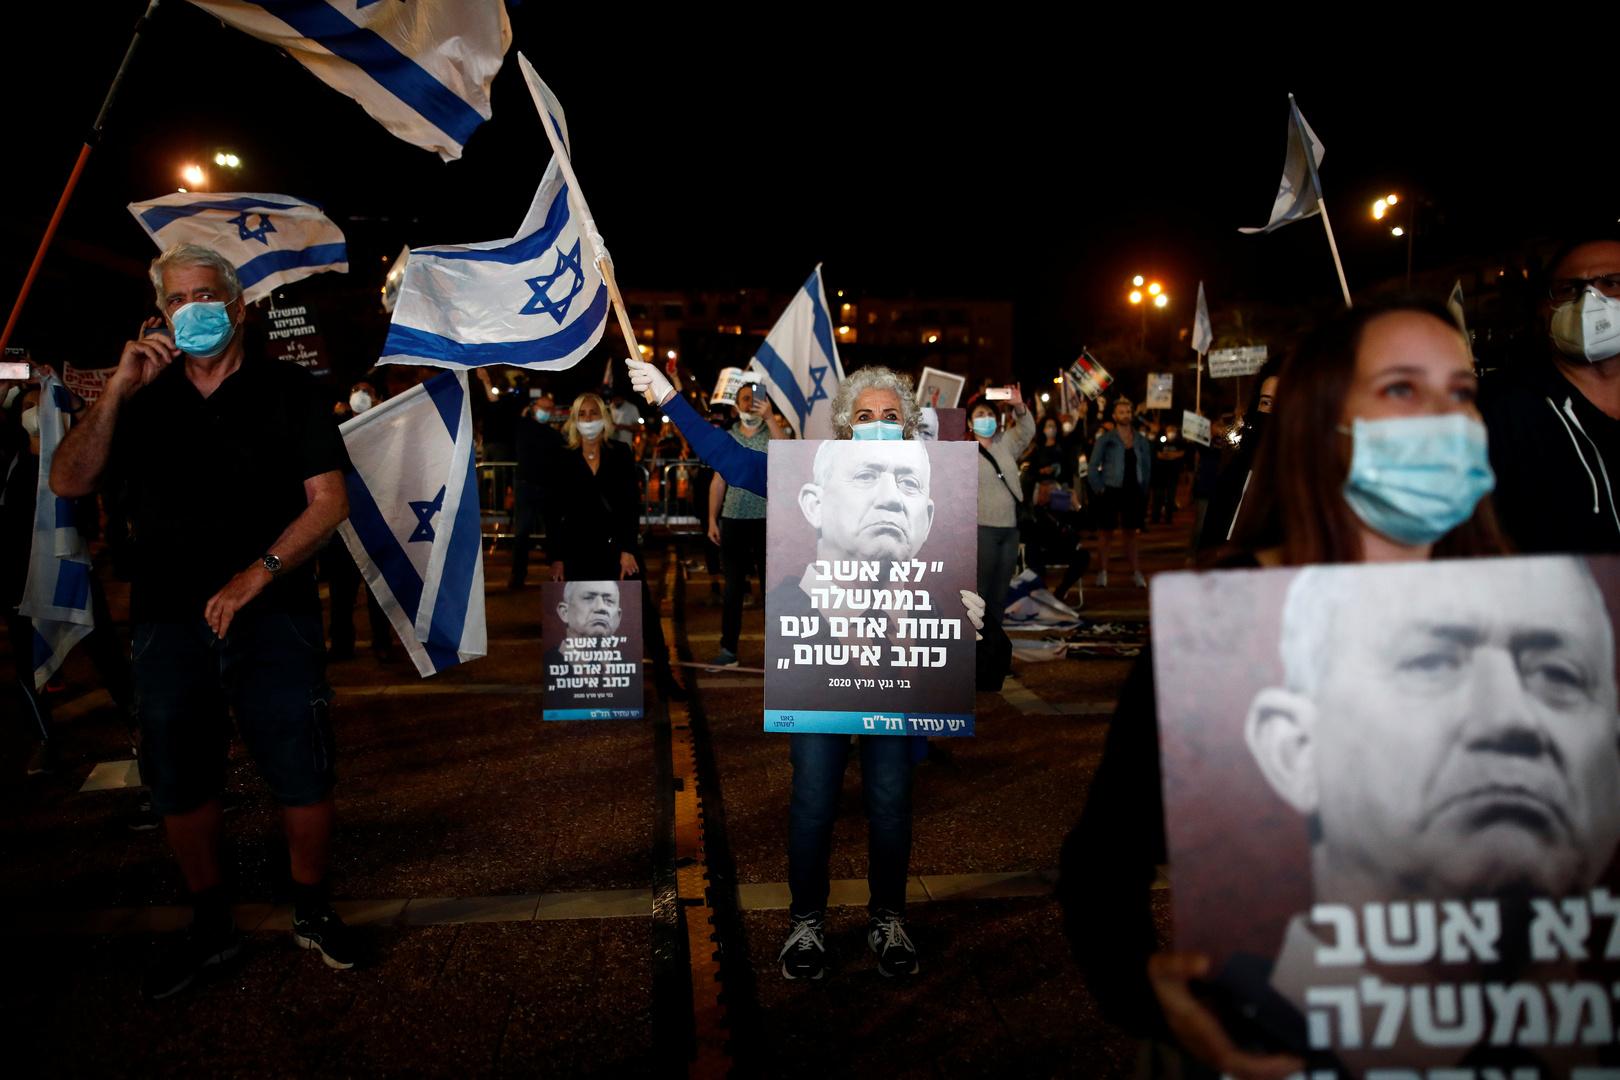 احتجاج بالآلاف في تل أبيب ضد سياسة نتنياهو بالرغم من قيود كورونا